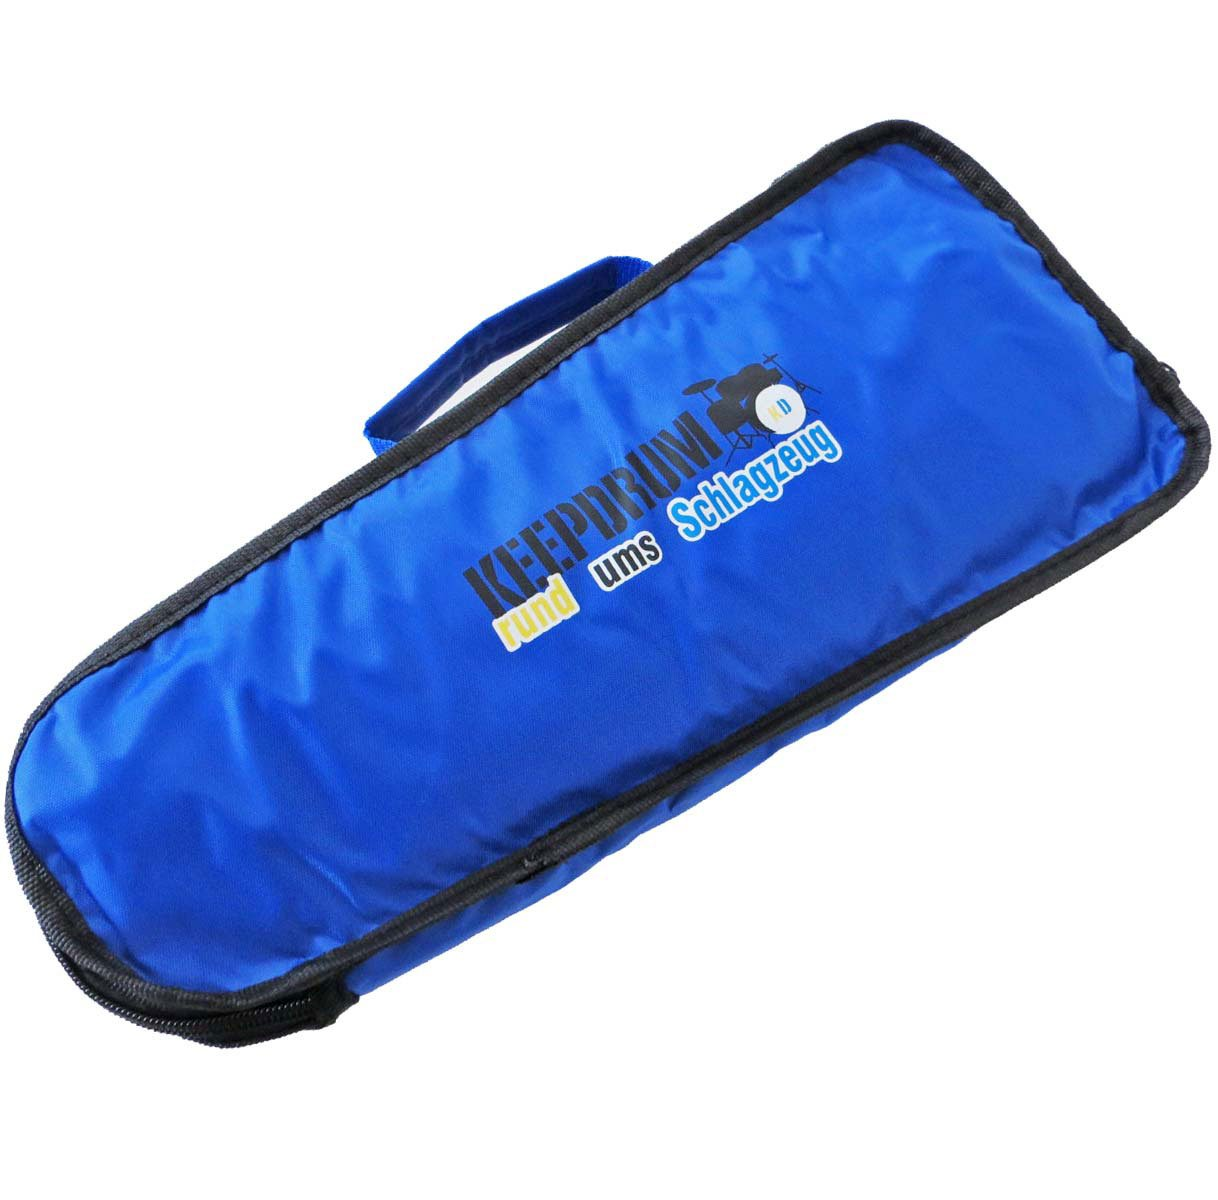 MB02 Tasche für NG-11  Sonor Glockenspiel keepdrum Sac